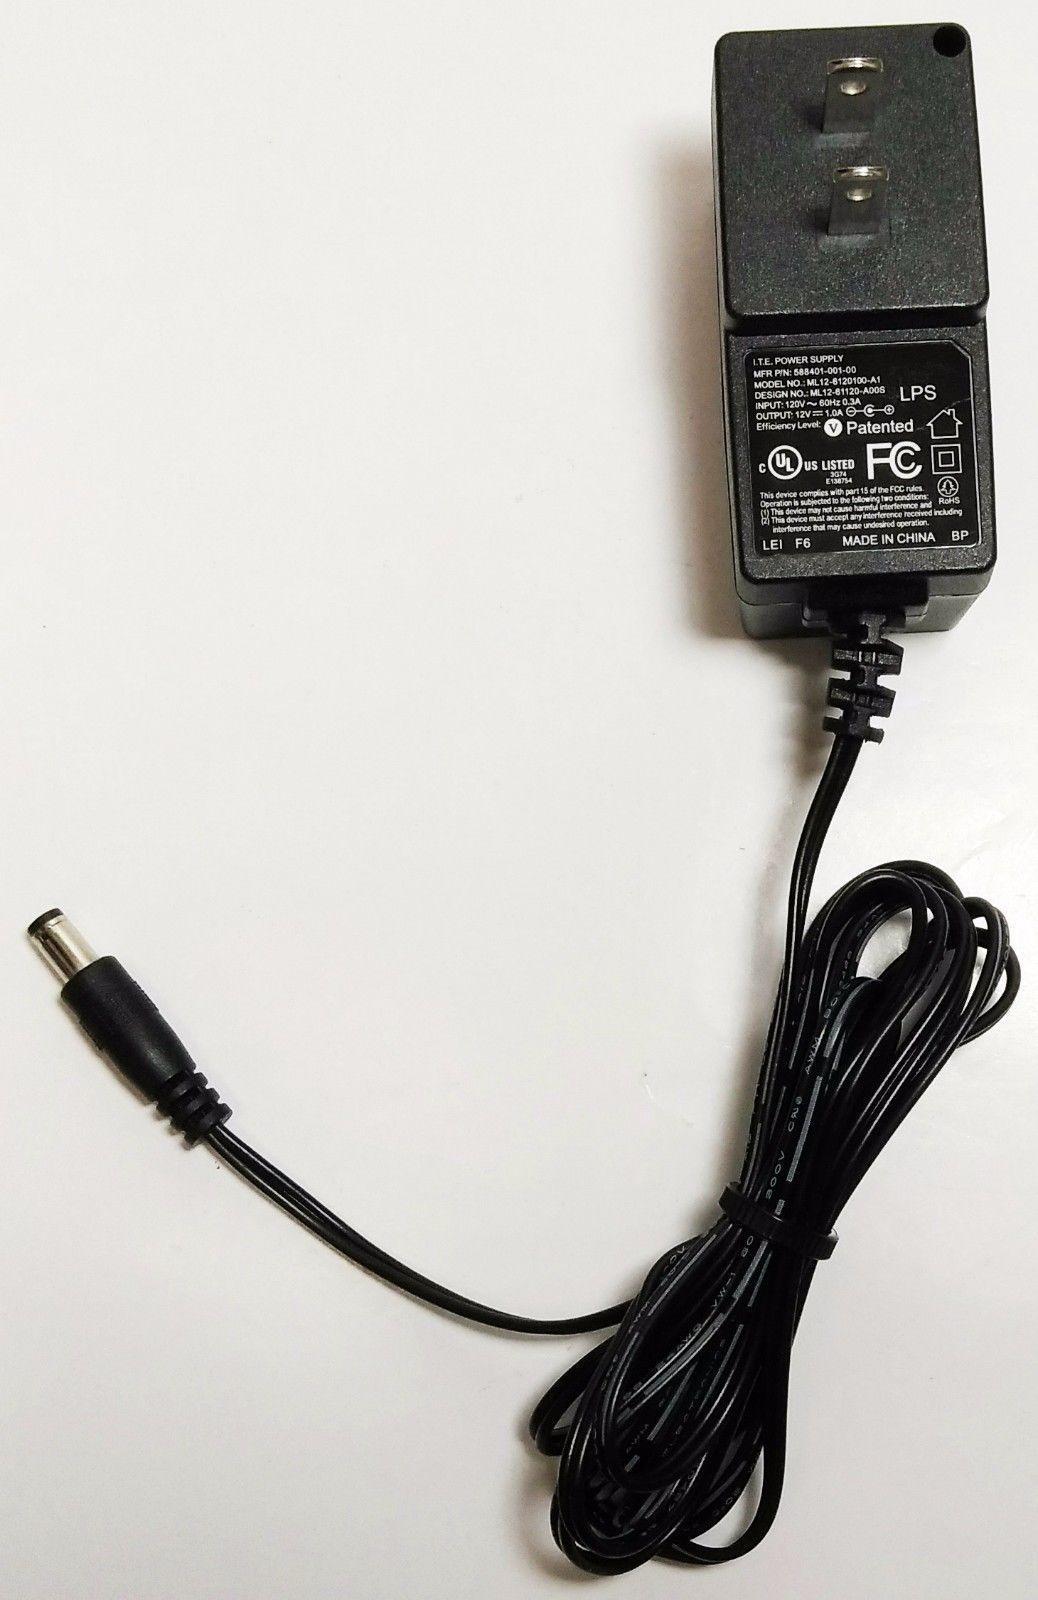 New   ITE 12V 1A Power Supply ML12-6120100-A1 588401-001-00